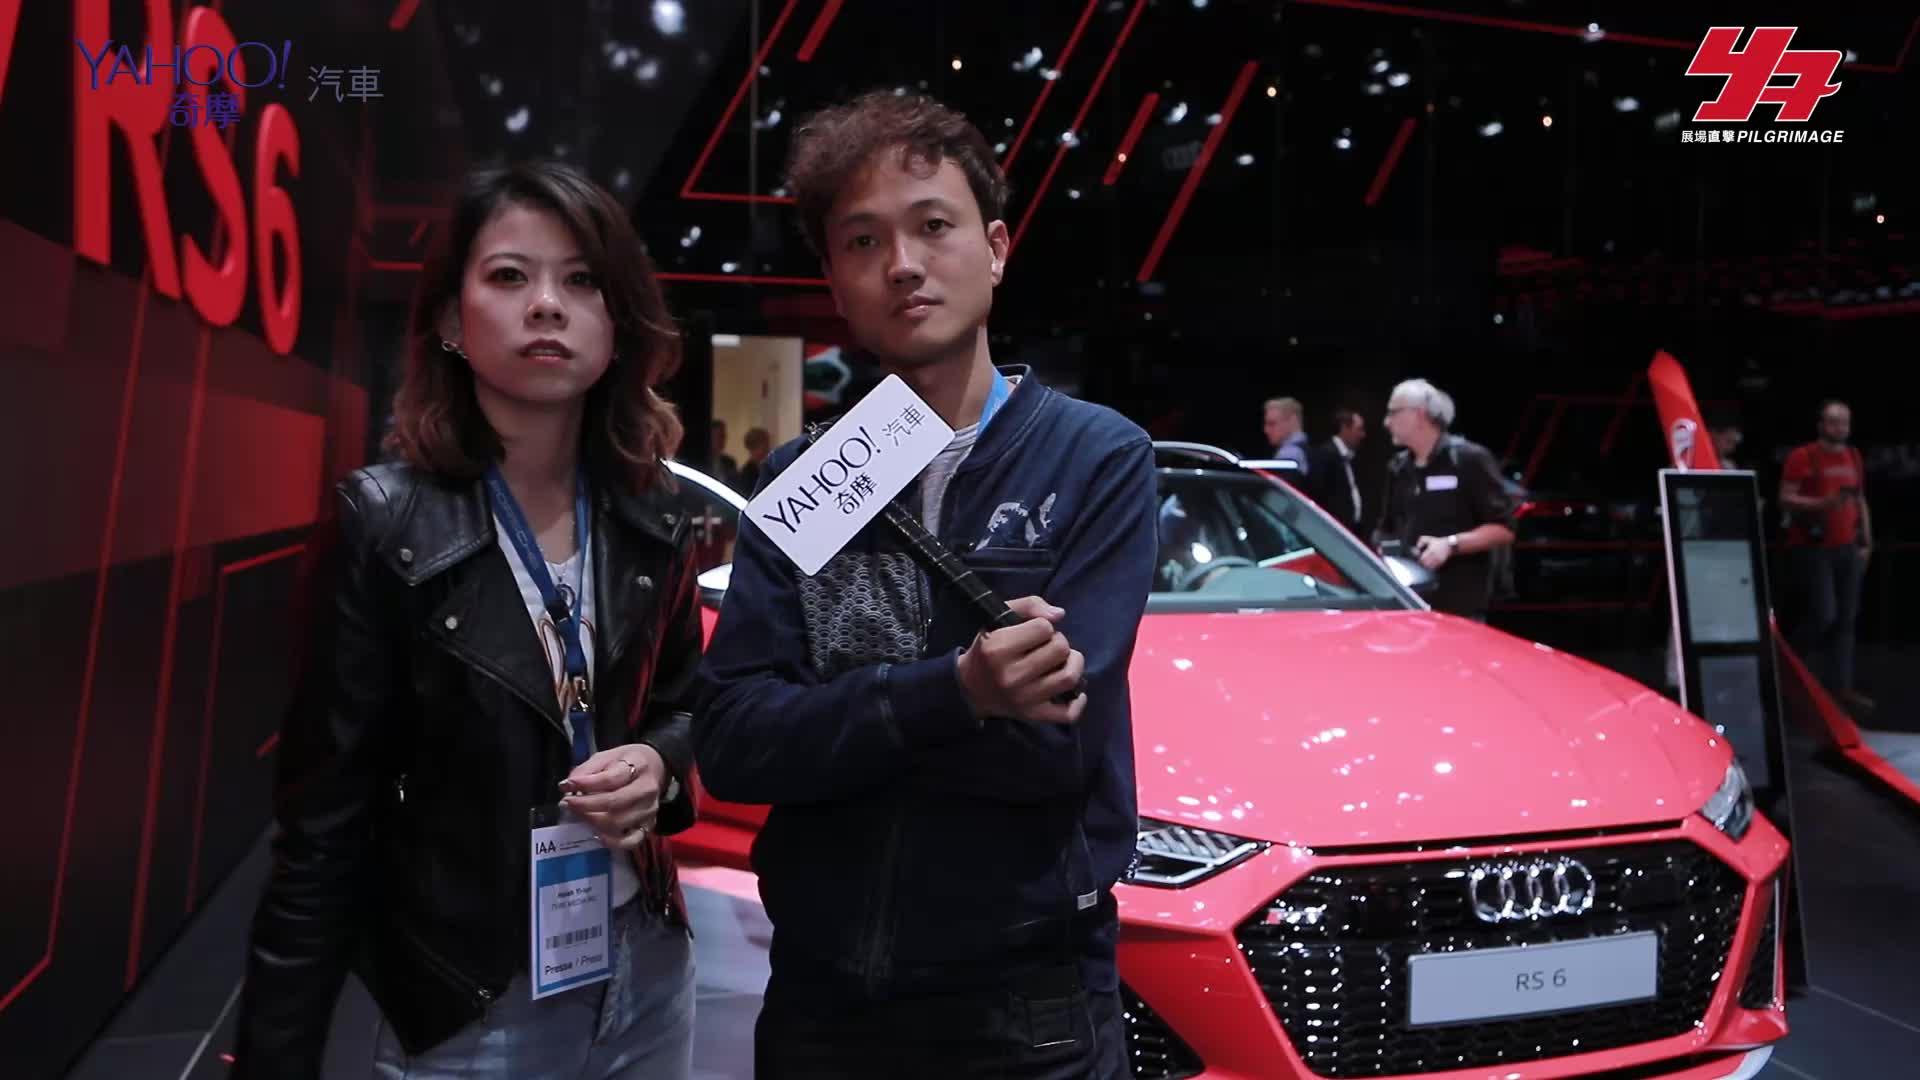 【2019法蘭克福車展直擊】Audi最強Wagon旅行車款RS6 Avant嗆辣現身!